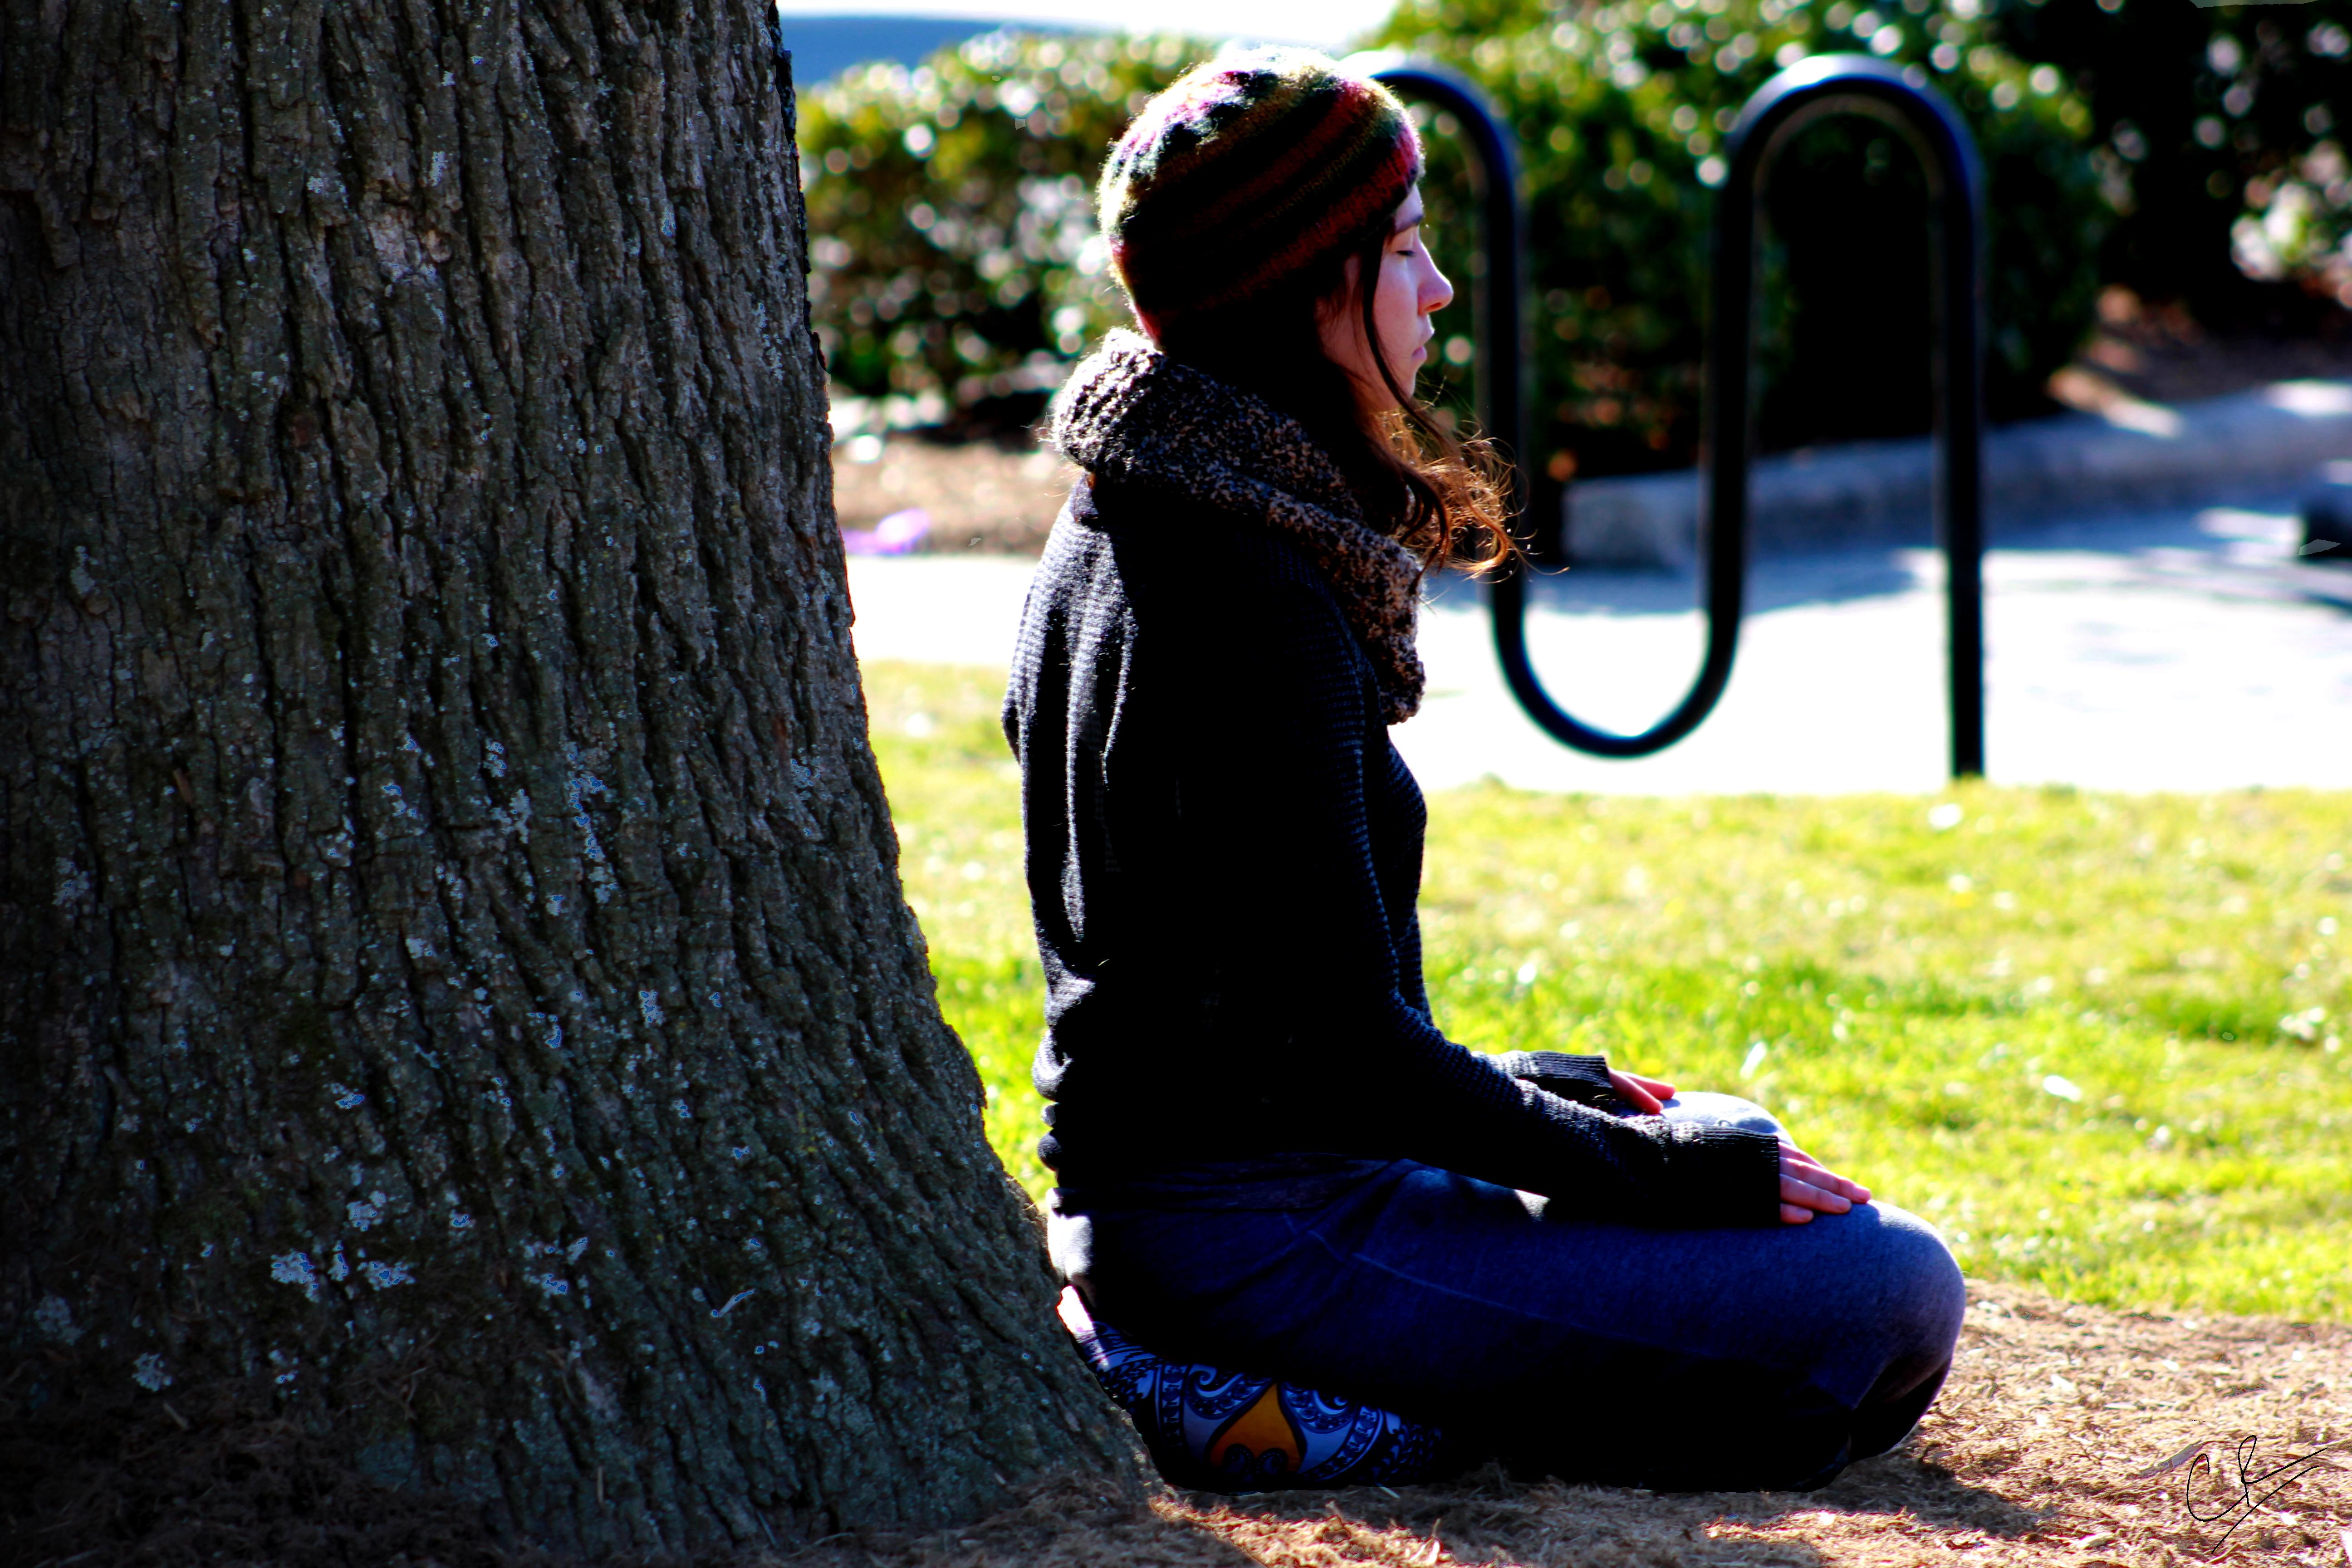 Le jour ou j'ai décidé d'arreter de crier - Caleb Roenigk Meditate